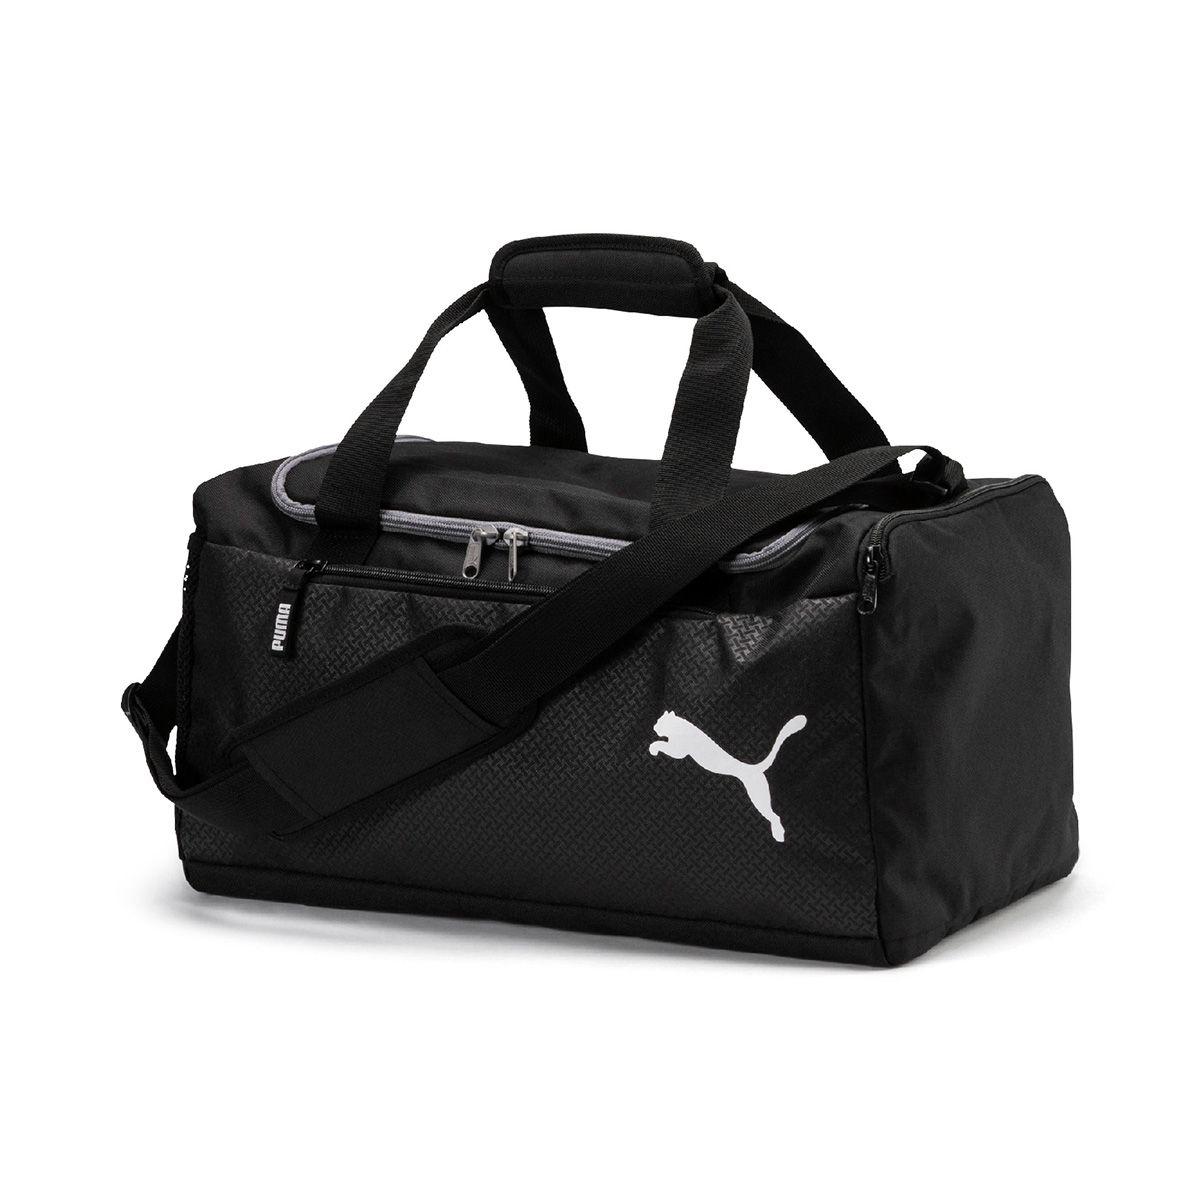 Mala Puma Fundamentals Sport Bag